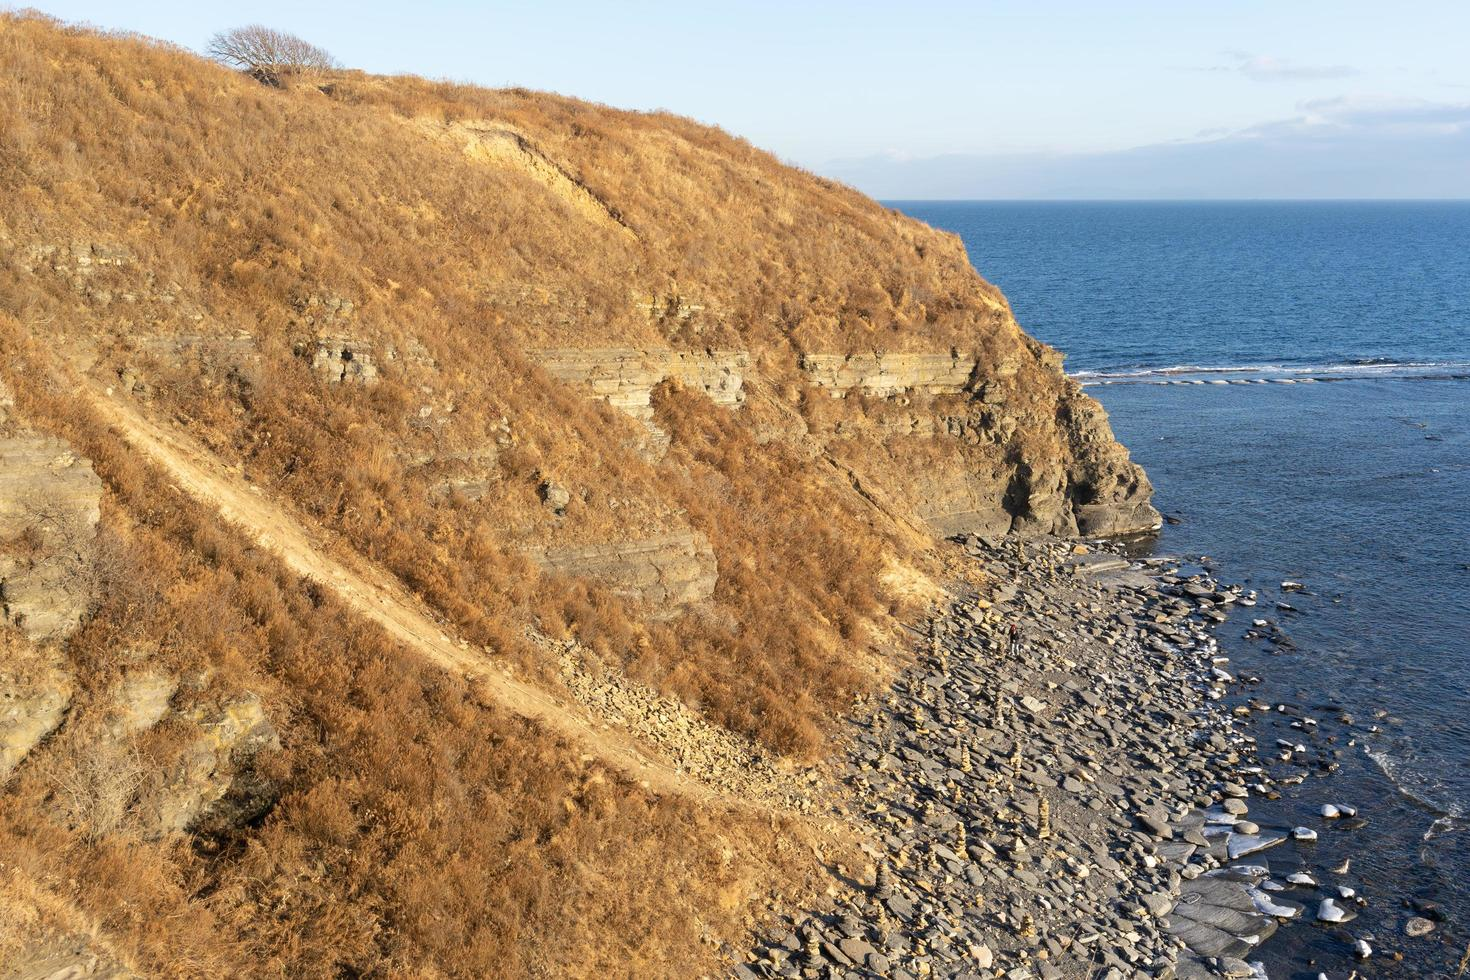 zeegezicht van een rotsachtige kustlijn en water in Vladivostok, Rusland foto